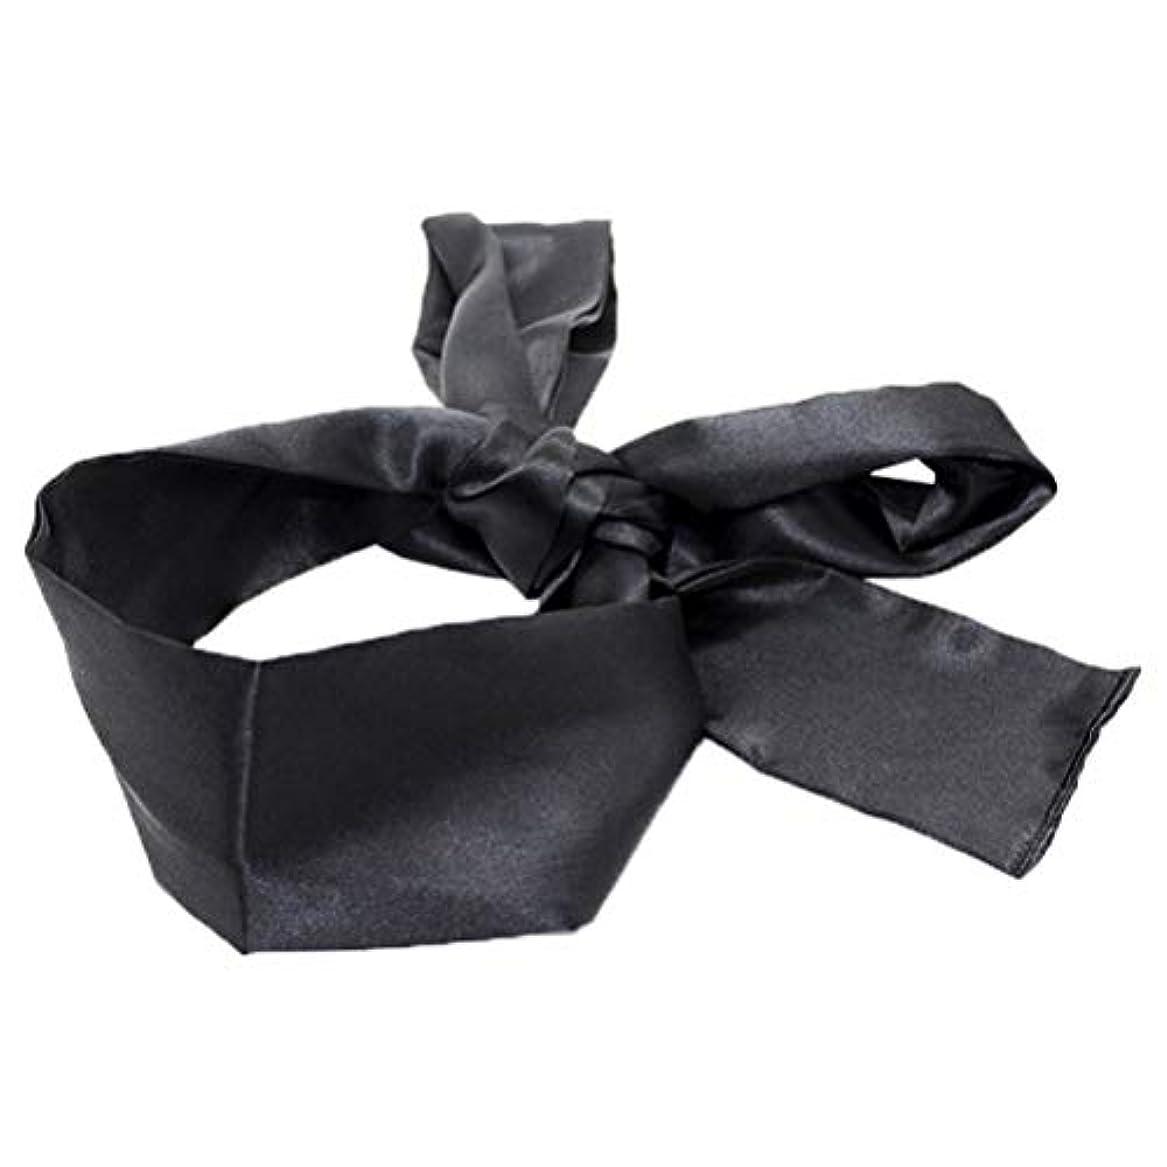 誕生やりすぎ反対にHEALIFTY 睡眠マスクホームトラベルコスチューム小道具(ブラック)用サテン目隠しソフト快適なアイマスクバンドブラインダー